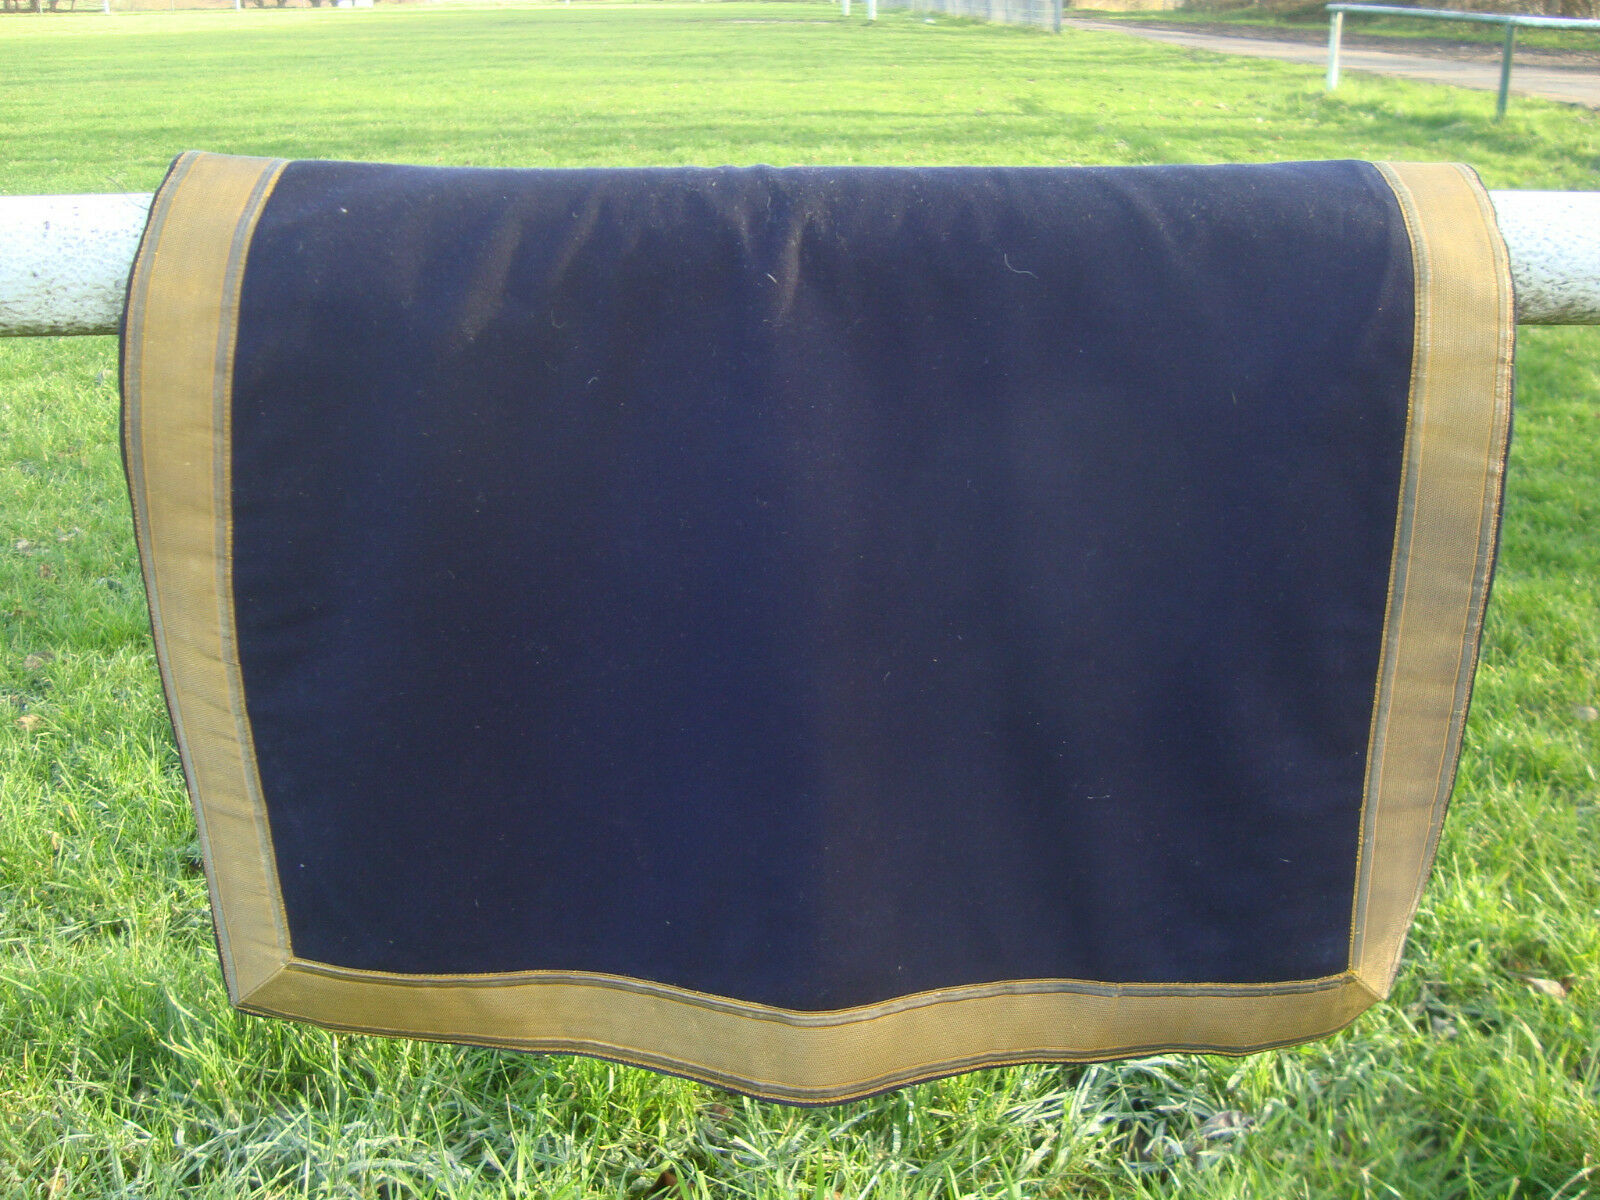 Inglaterra militar schabrake sillín manta caballo household cavallery Horse Guard